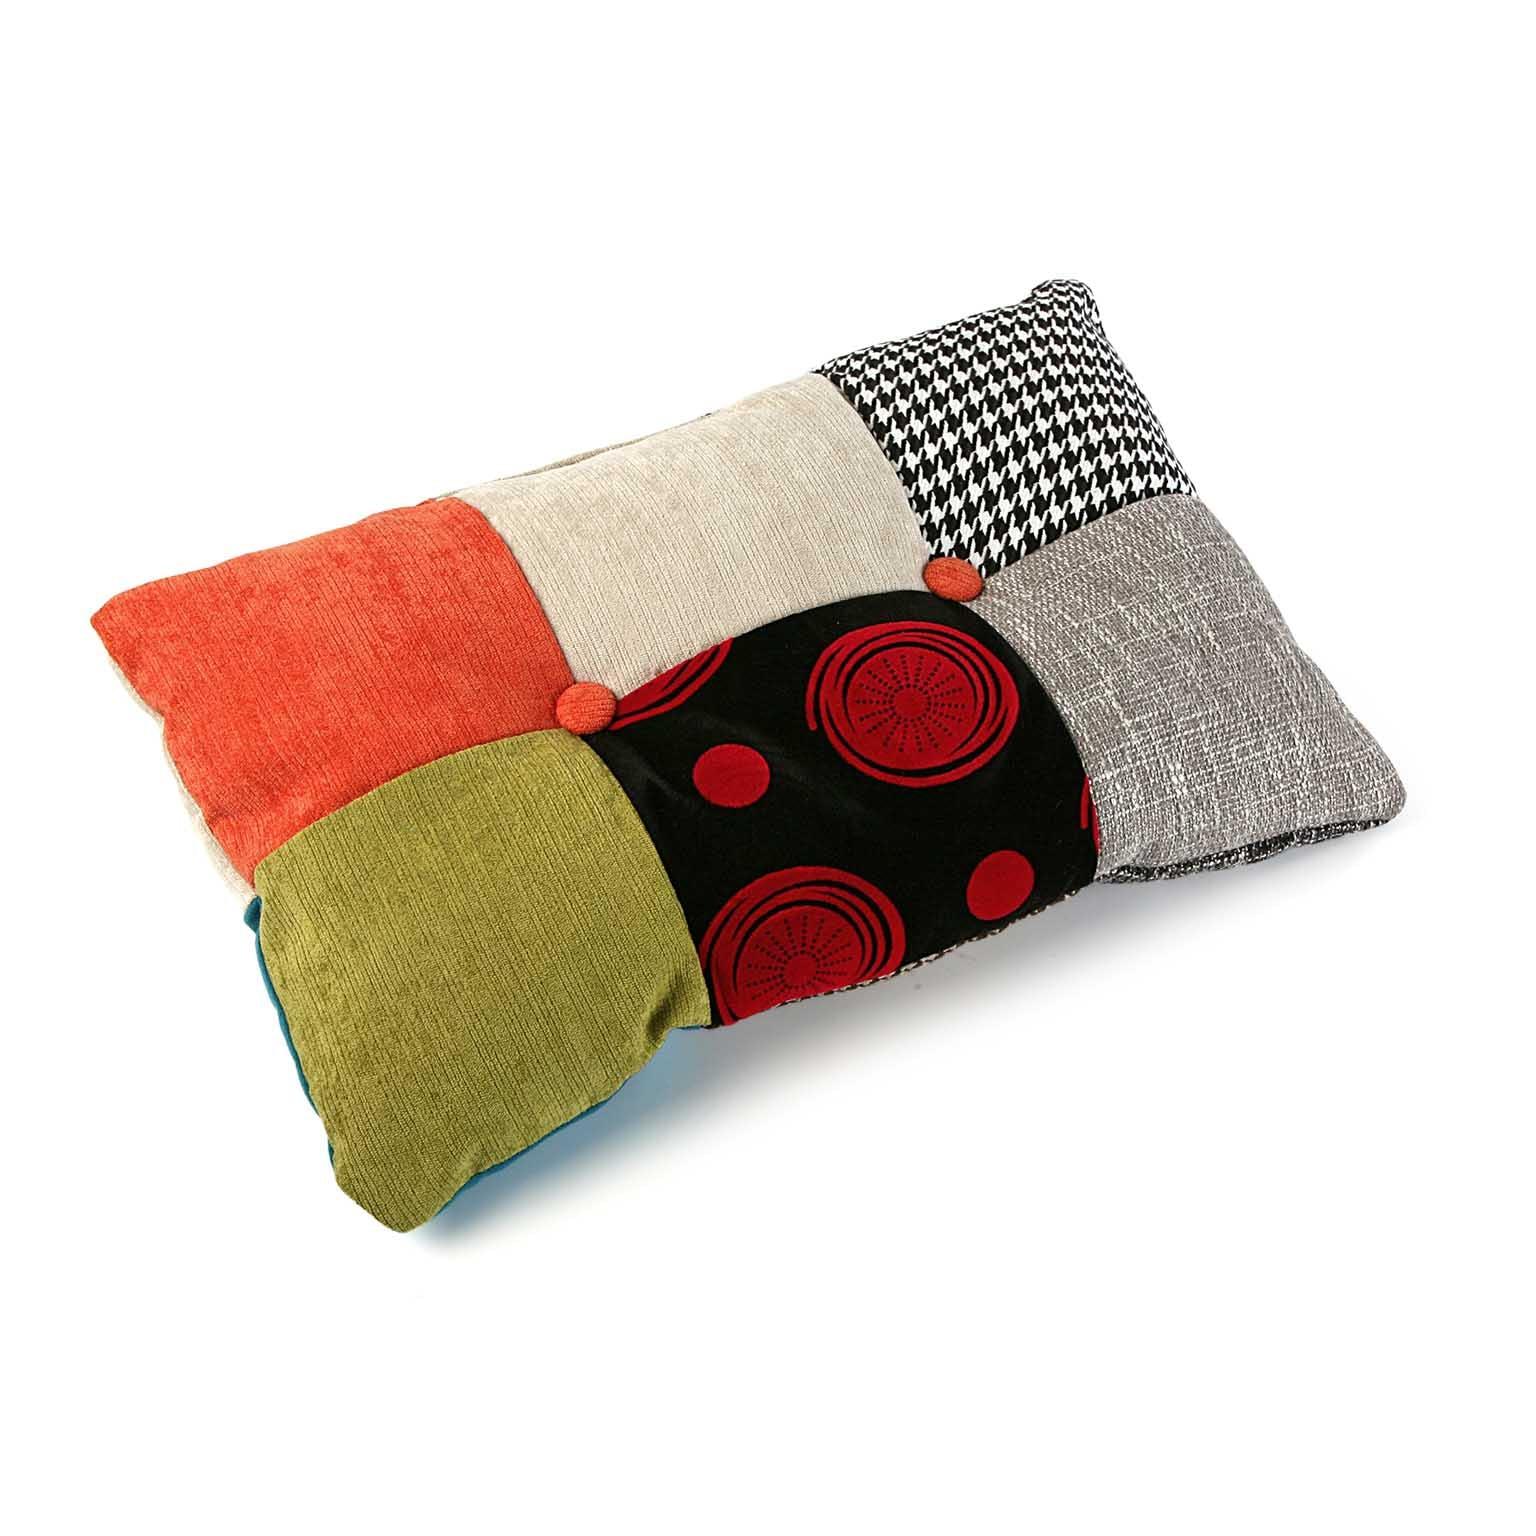 Coussin rectangle en tissu à motif Patchwork coloré 50x30x15cm BARCELONE